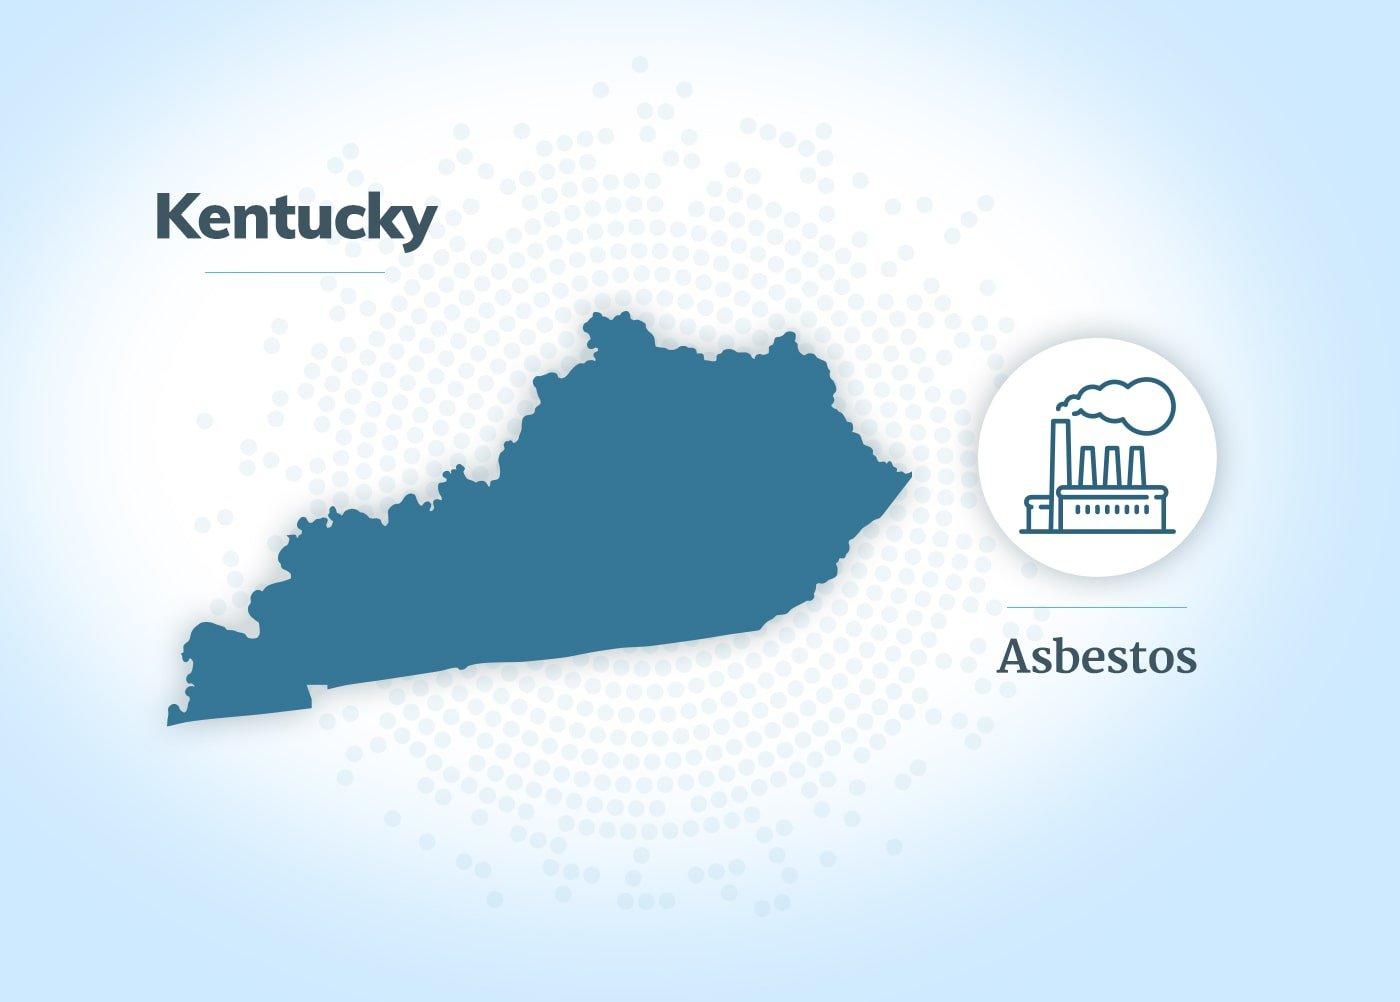 Asbestos exposure in Kentucky